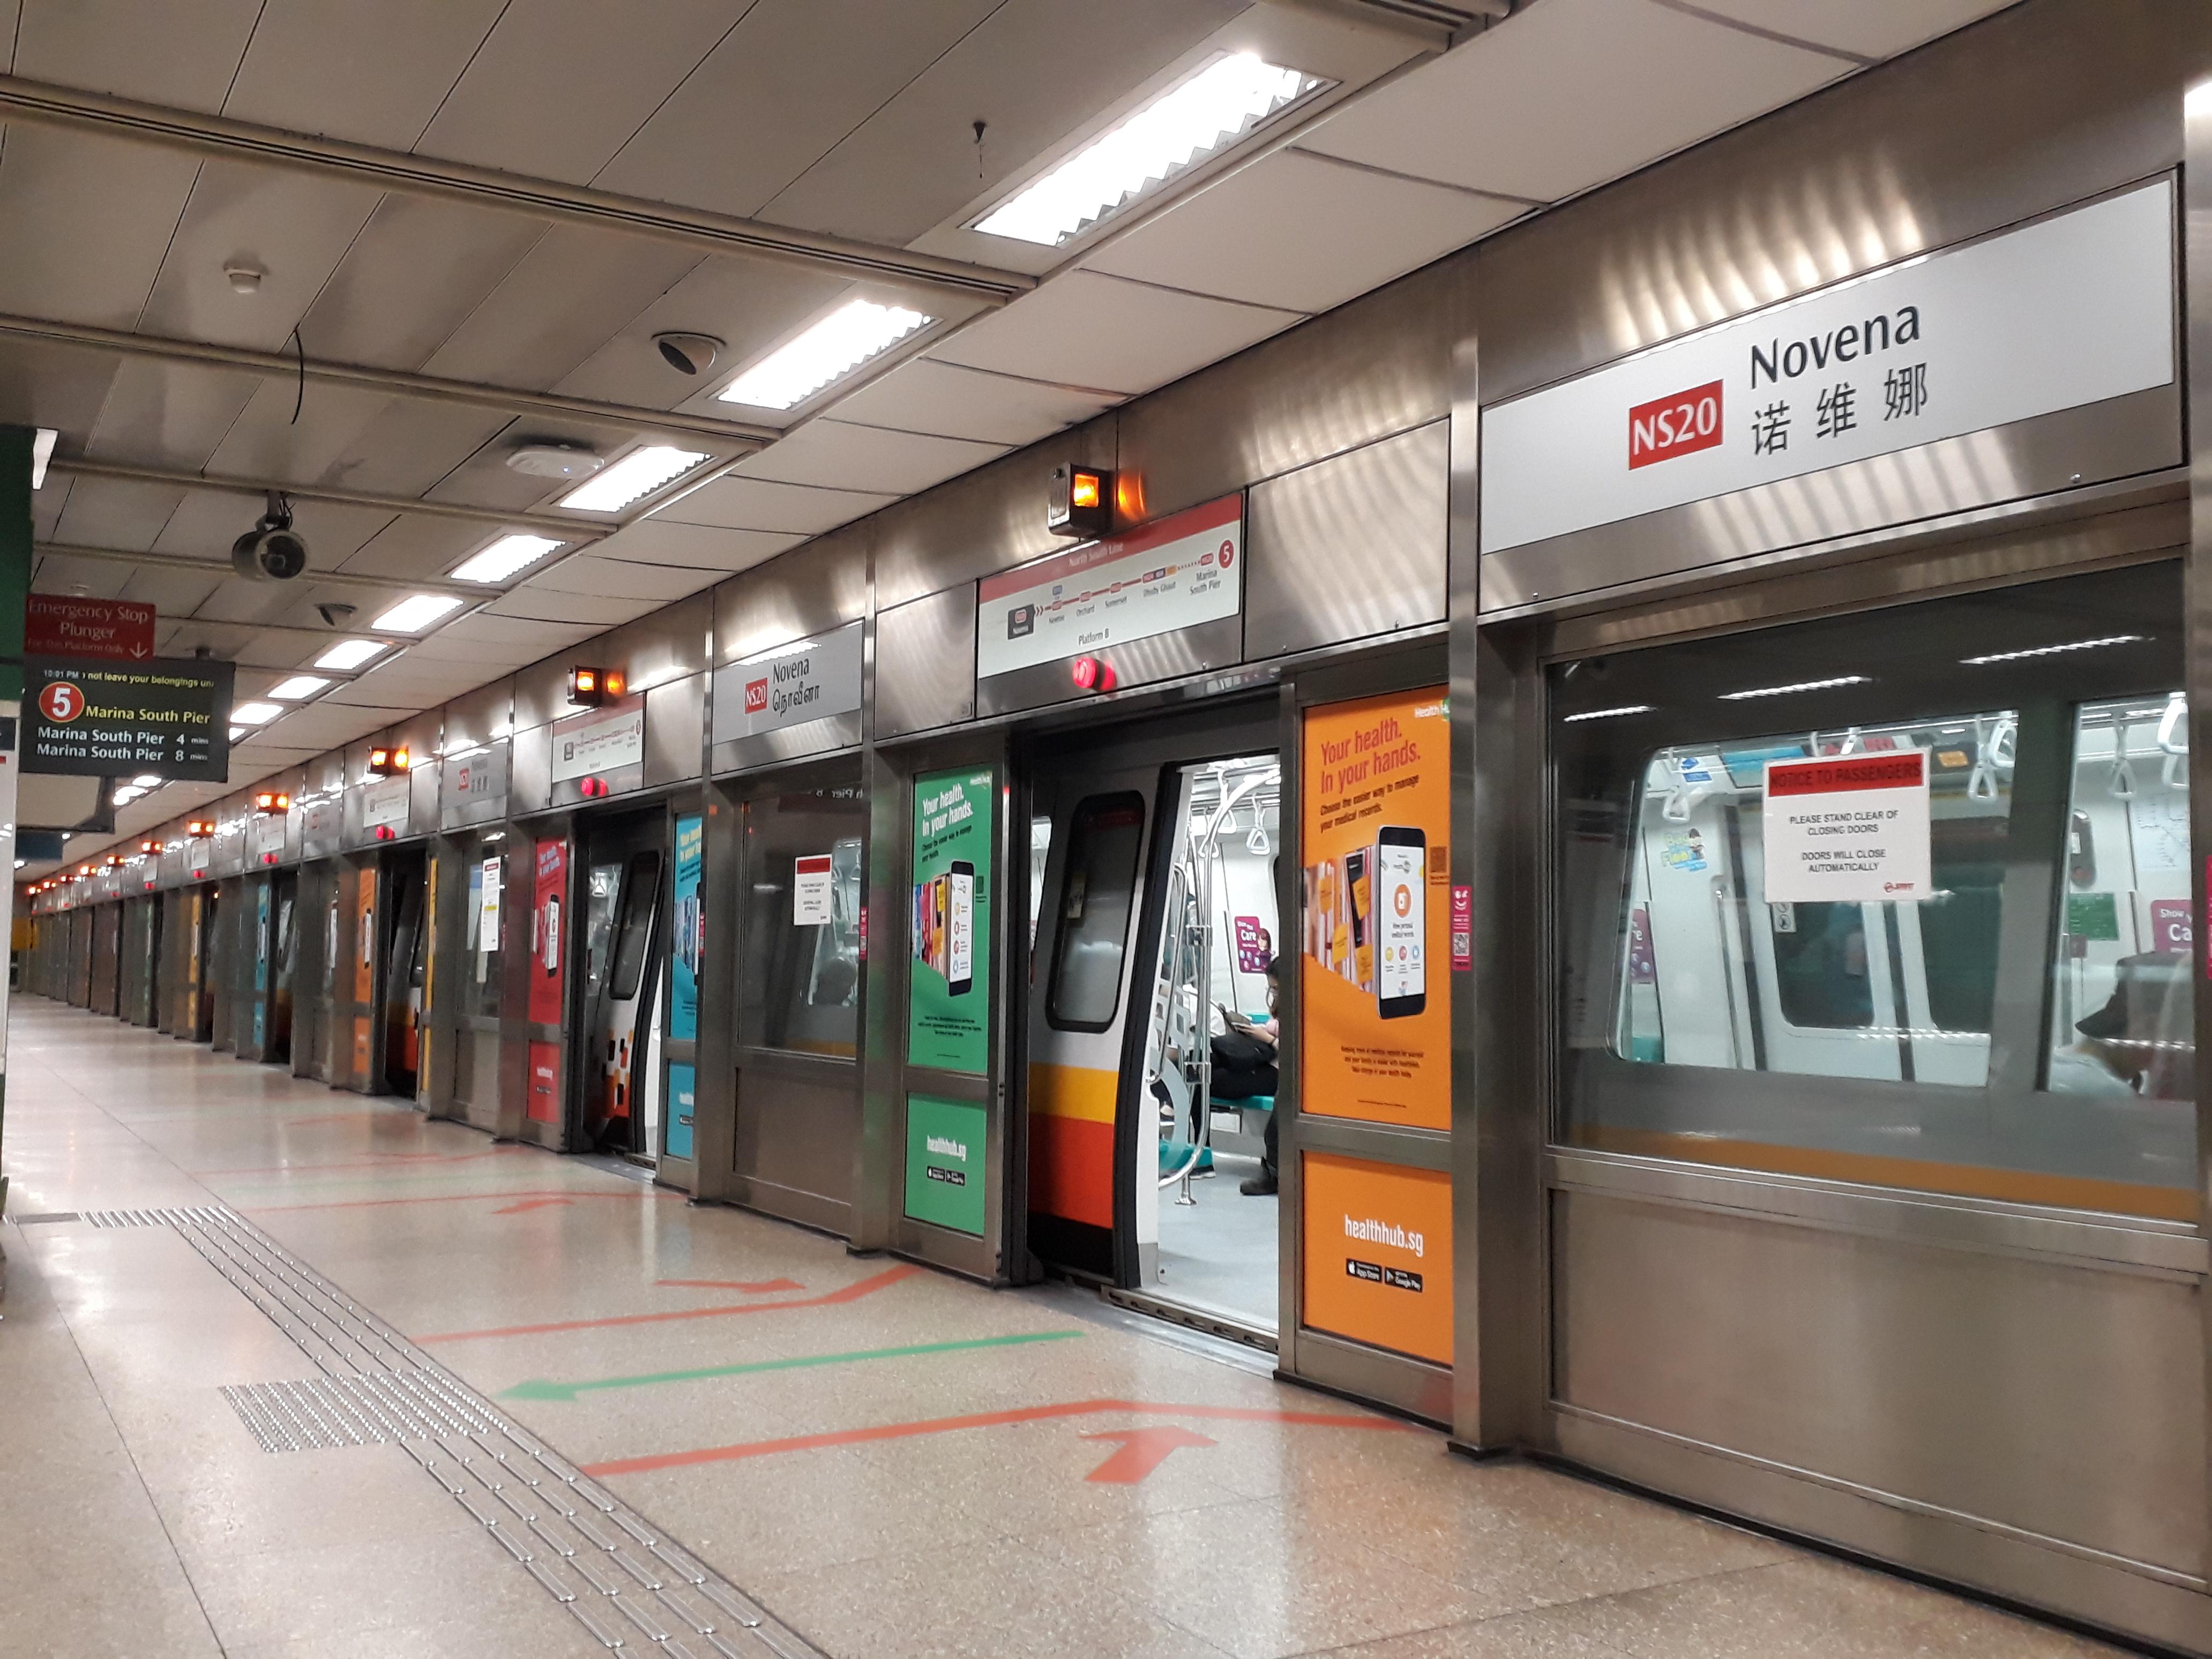 Novena MRT station - Wikipedia